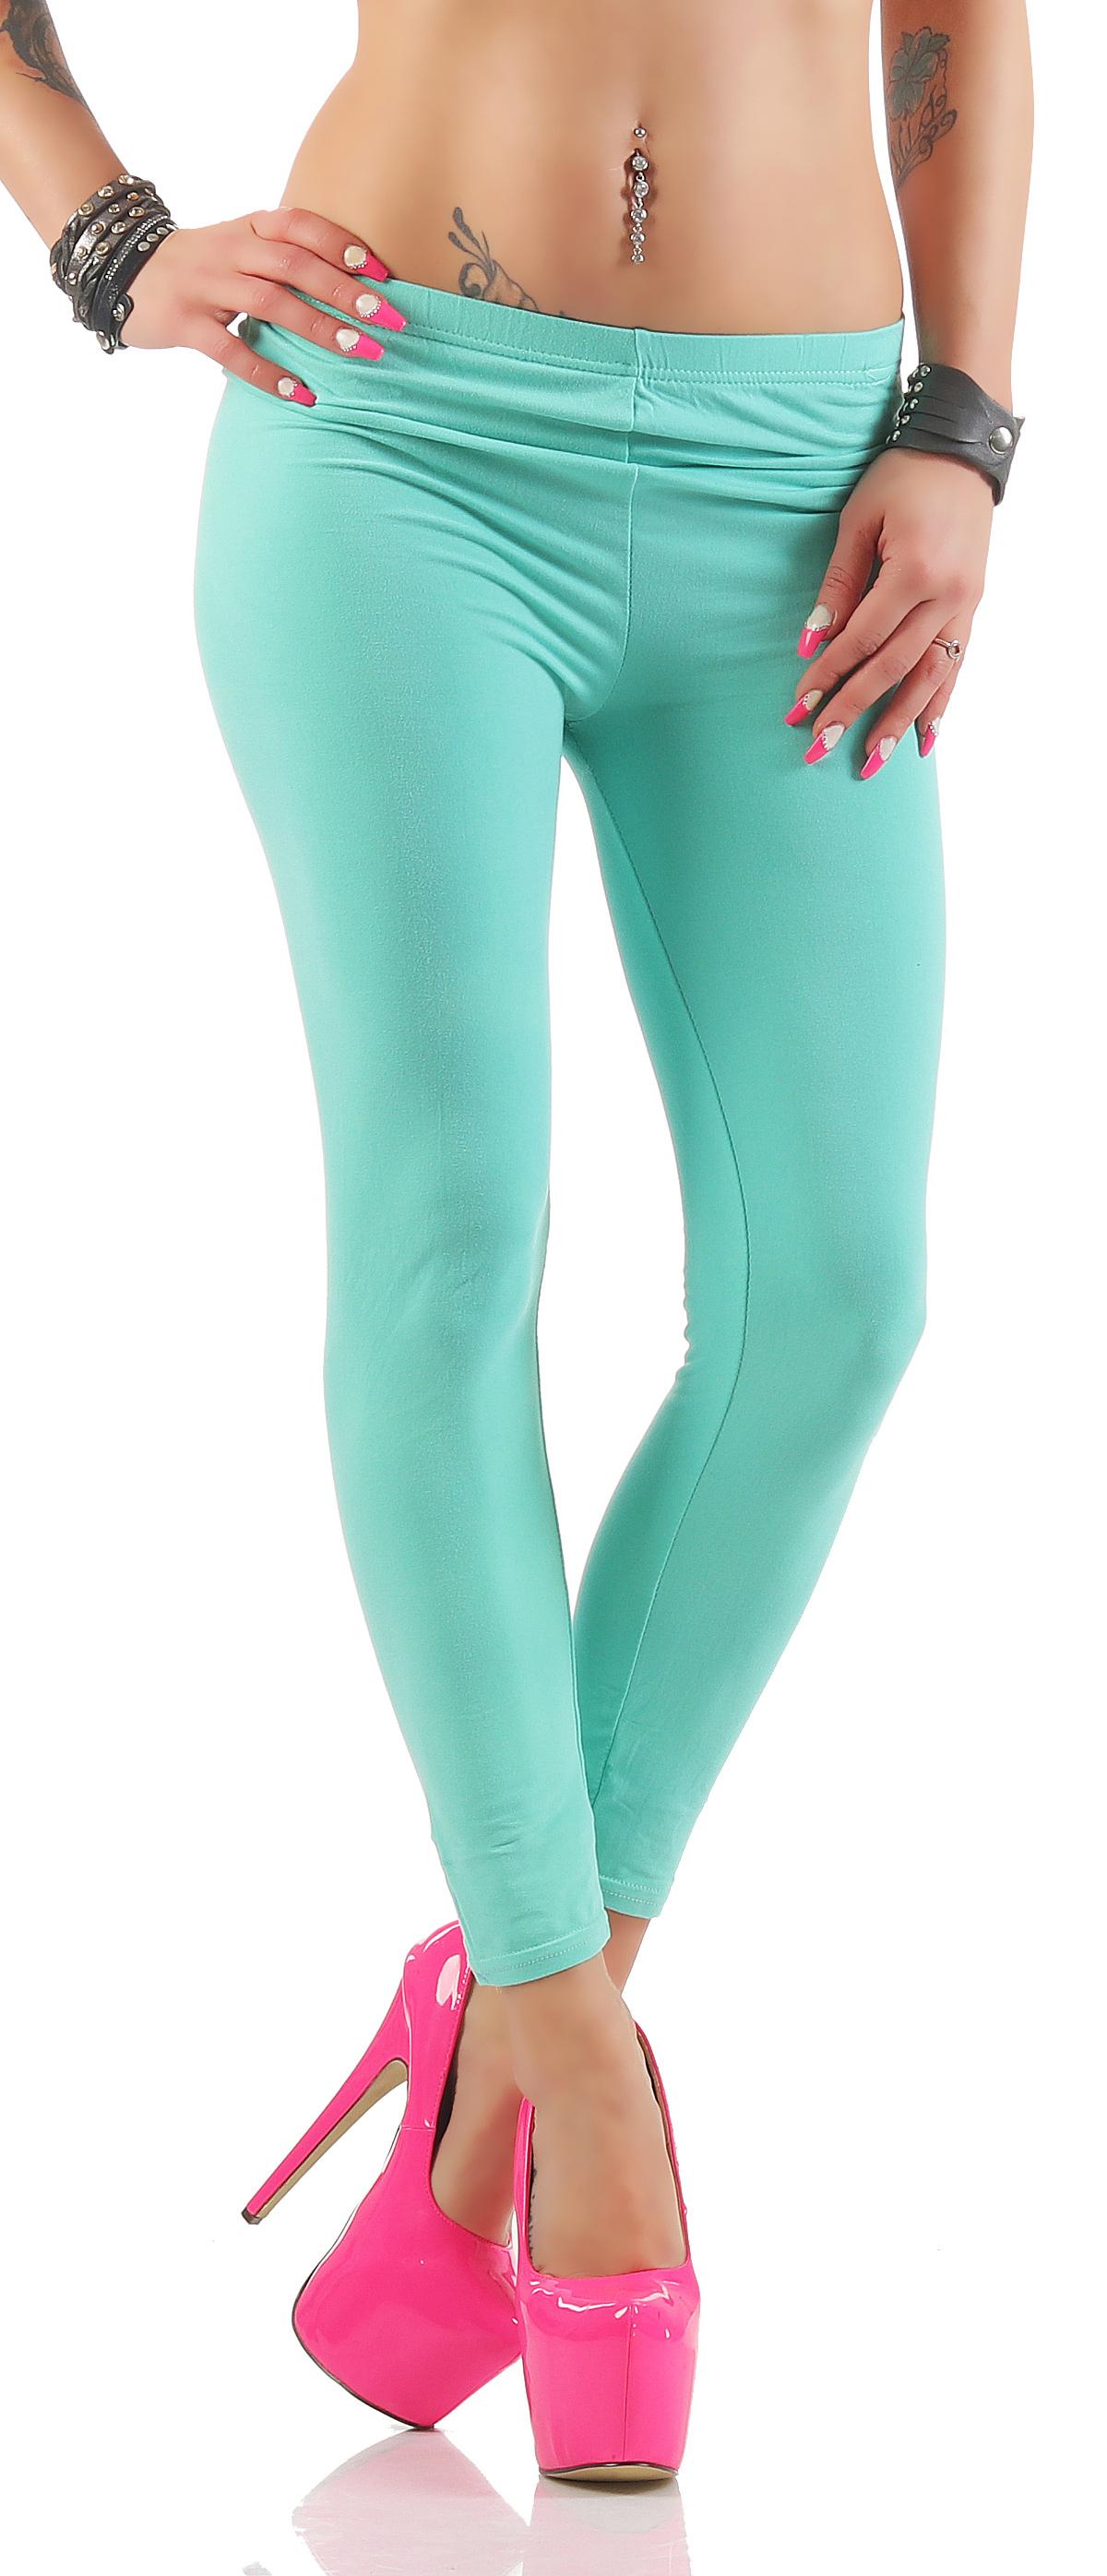 leggings damen sommerhose treggings pants blickdicht stretch unifarben cl 219 ebay. Black Bedroom Furniture Sets. Home Design Ideas